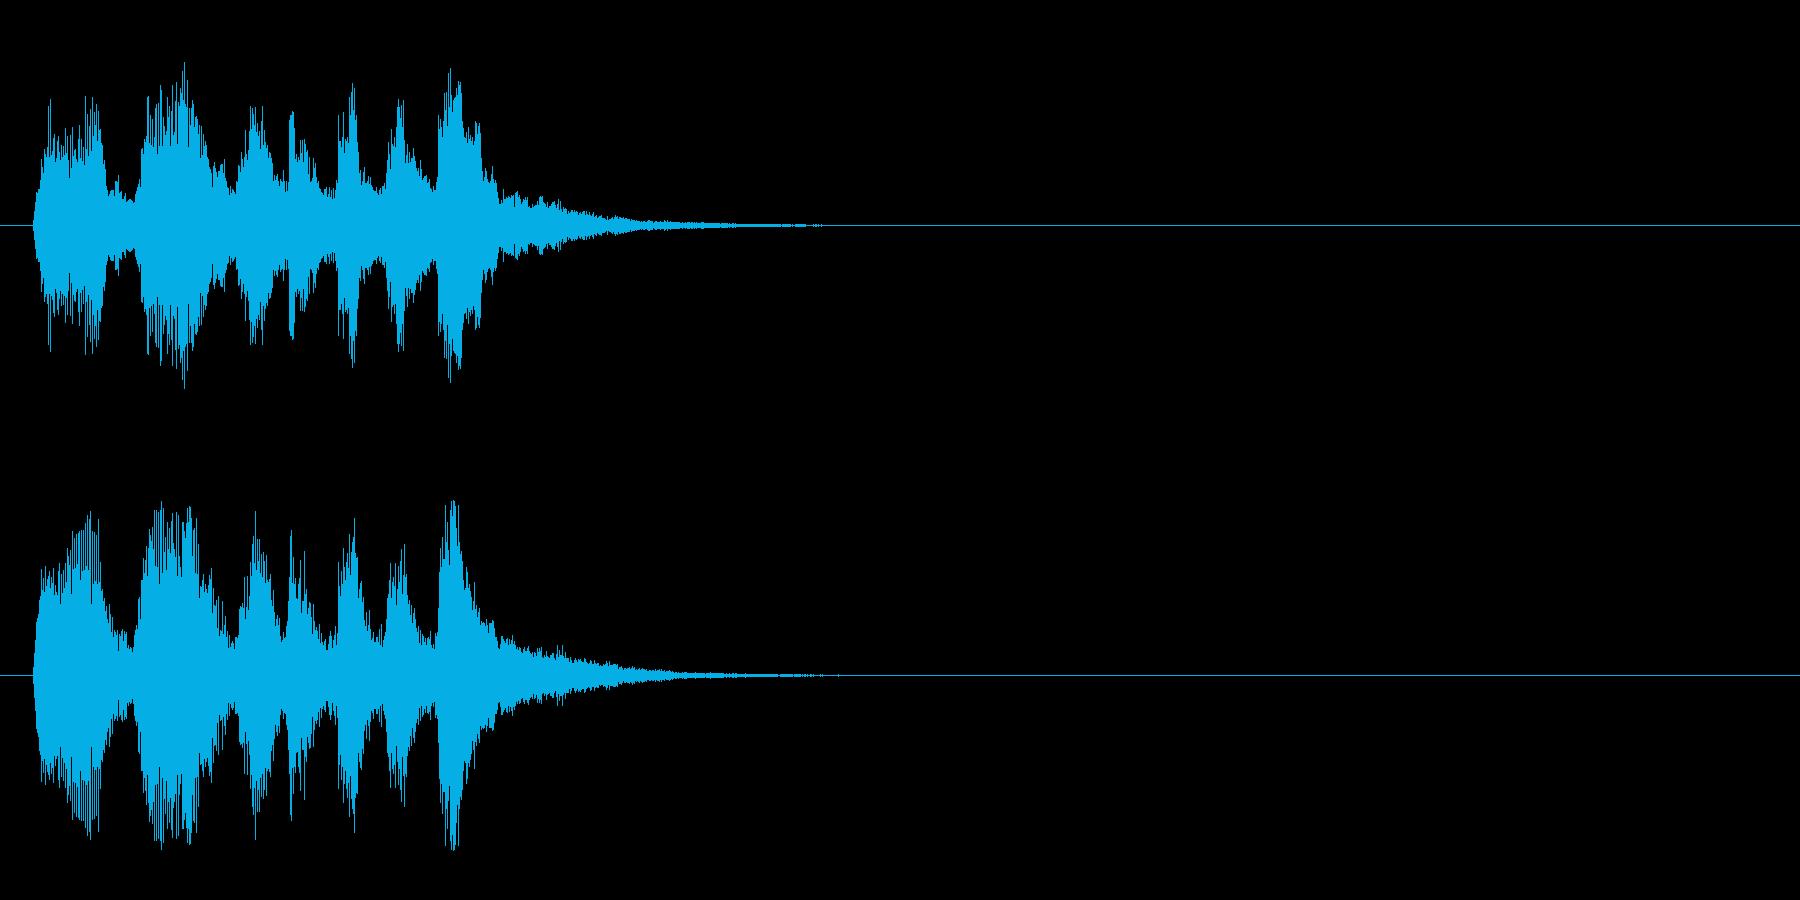 ジングル/アタック(ファンファーレ風)の再生済みの波形